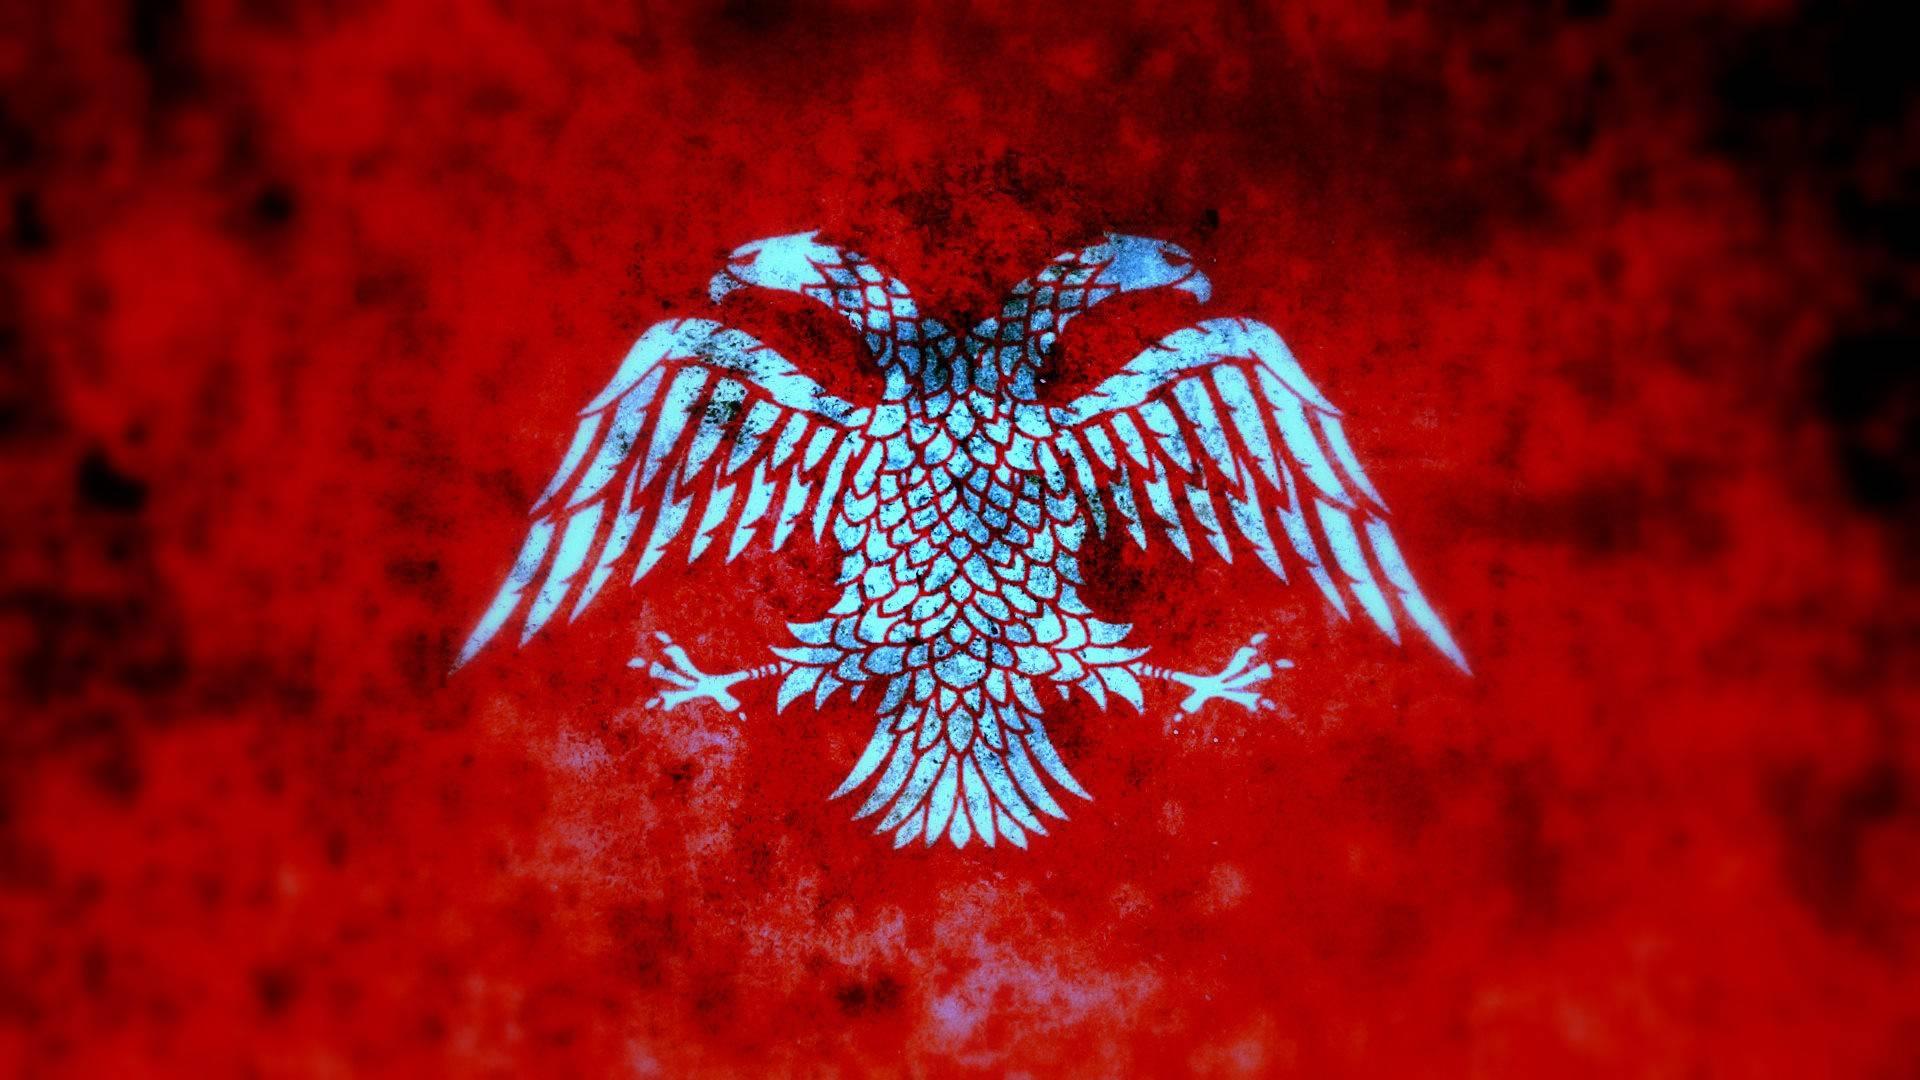 Serbia Serbian 19202151080 Wallpaper 1705128 1920x1080